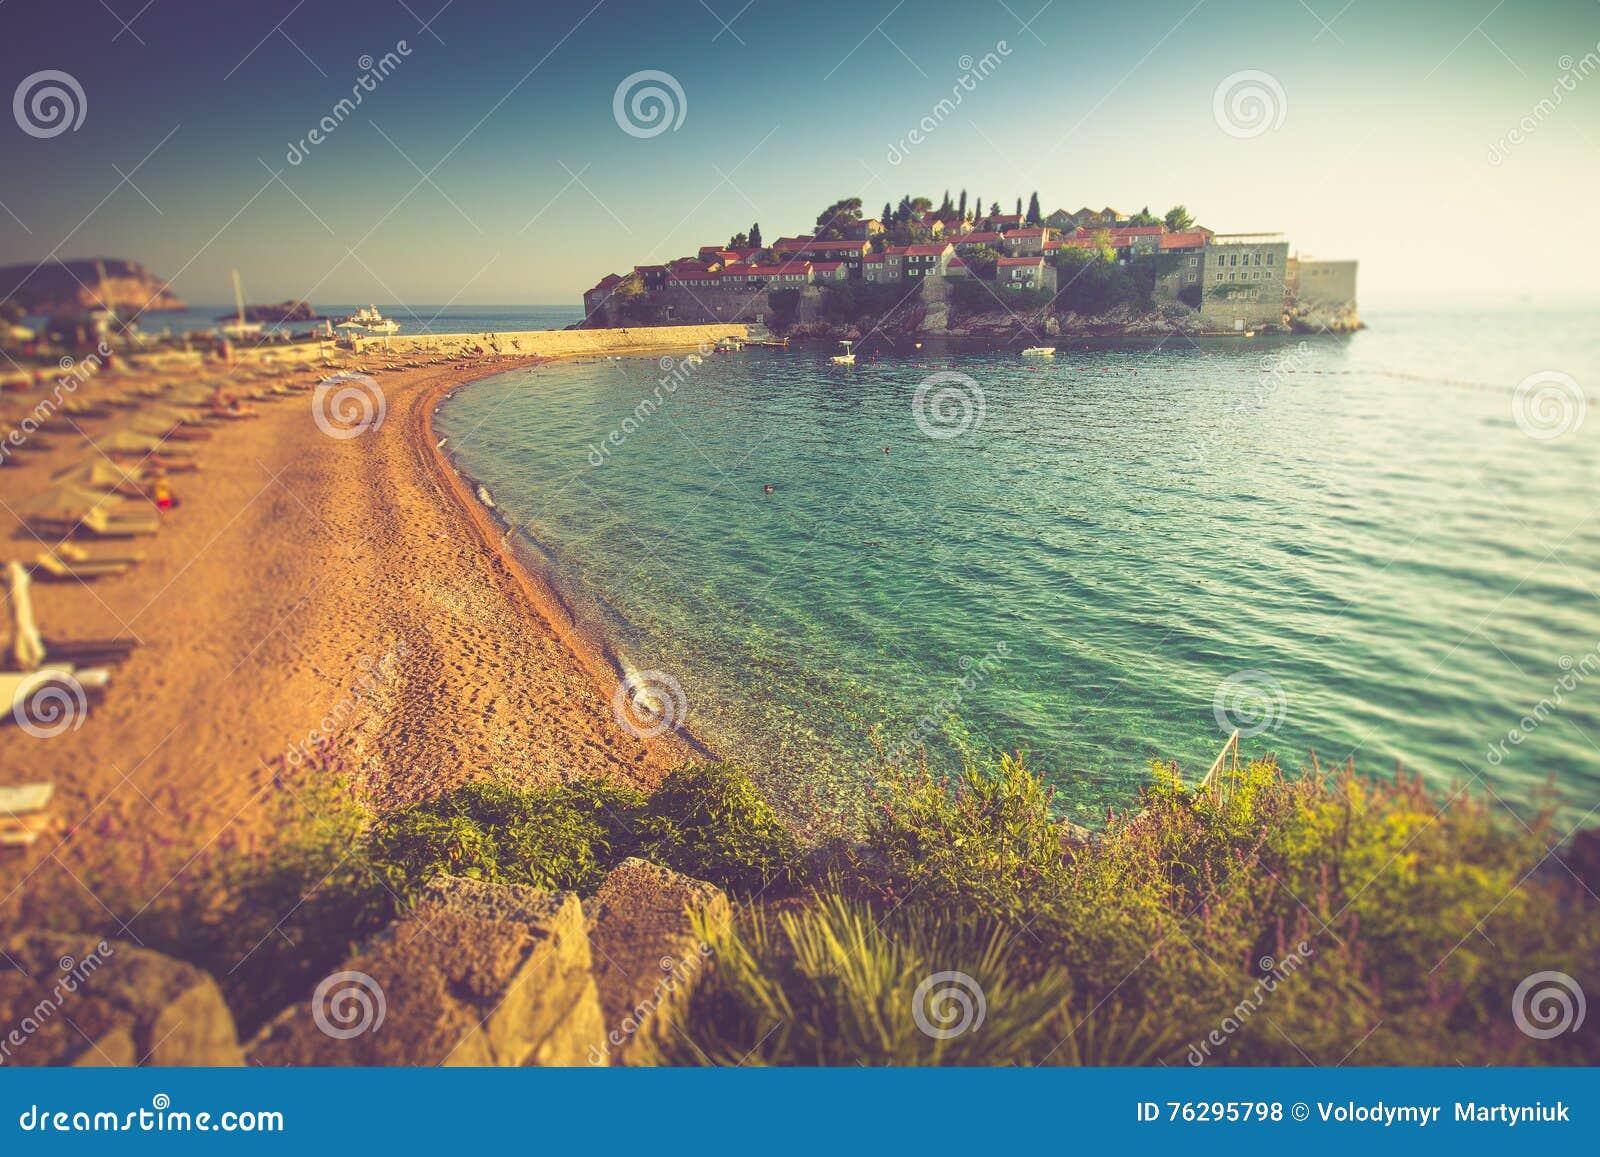 paisaje hermoso del centro tur stico isle o y de la playa